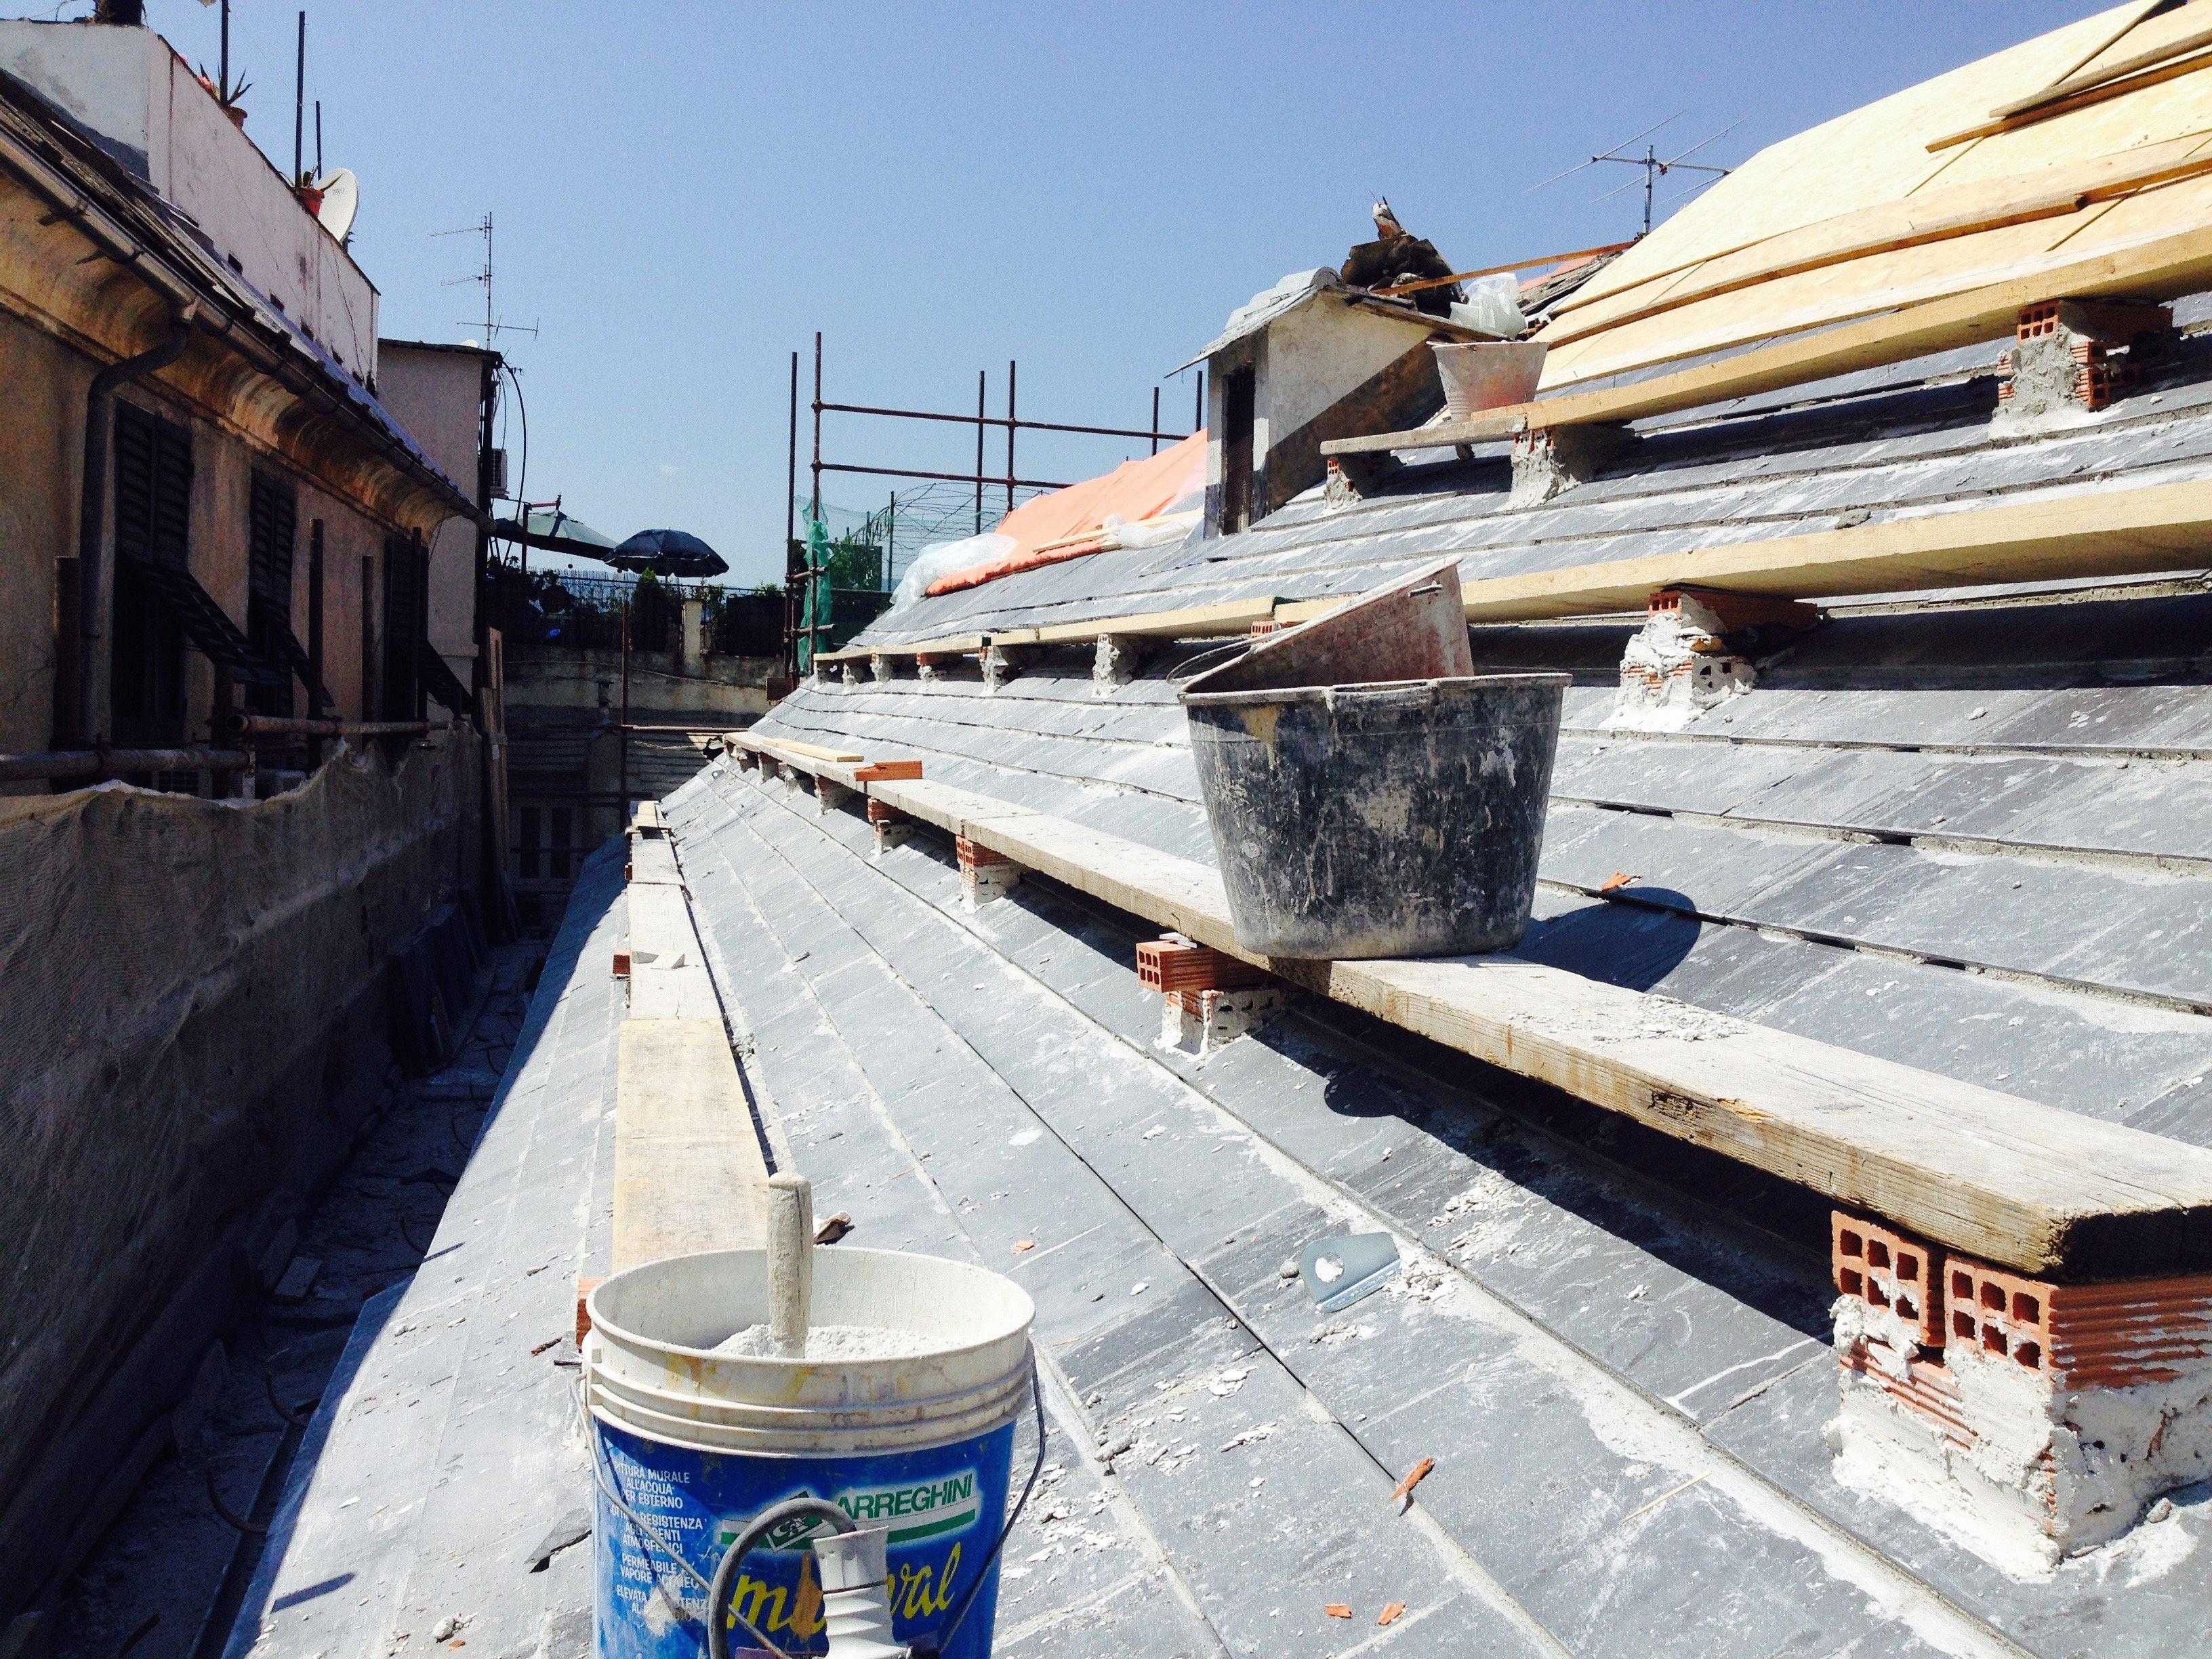 Un secchio e una caldarella poggiate su una copertura in fase di realizzazione